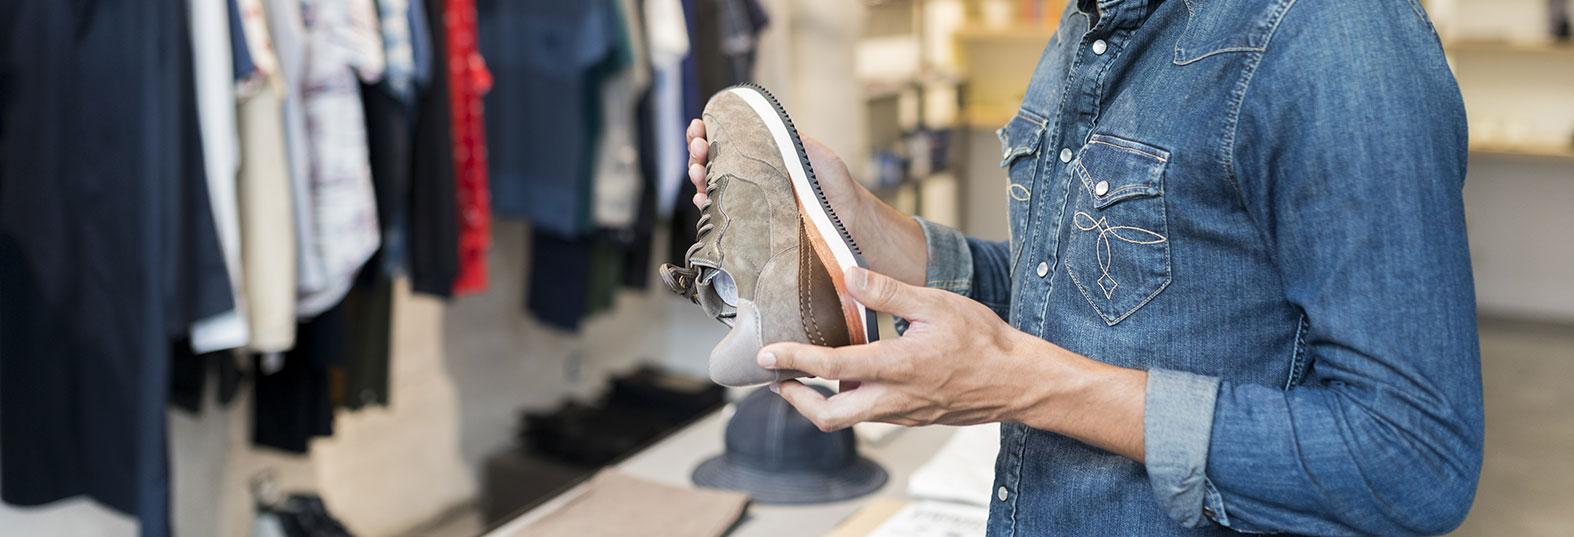 Für Schuheinkauf Praktische 10 Ihren Tipps Nächsten EIYWDH29